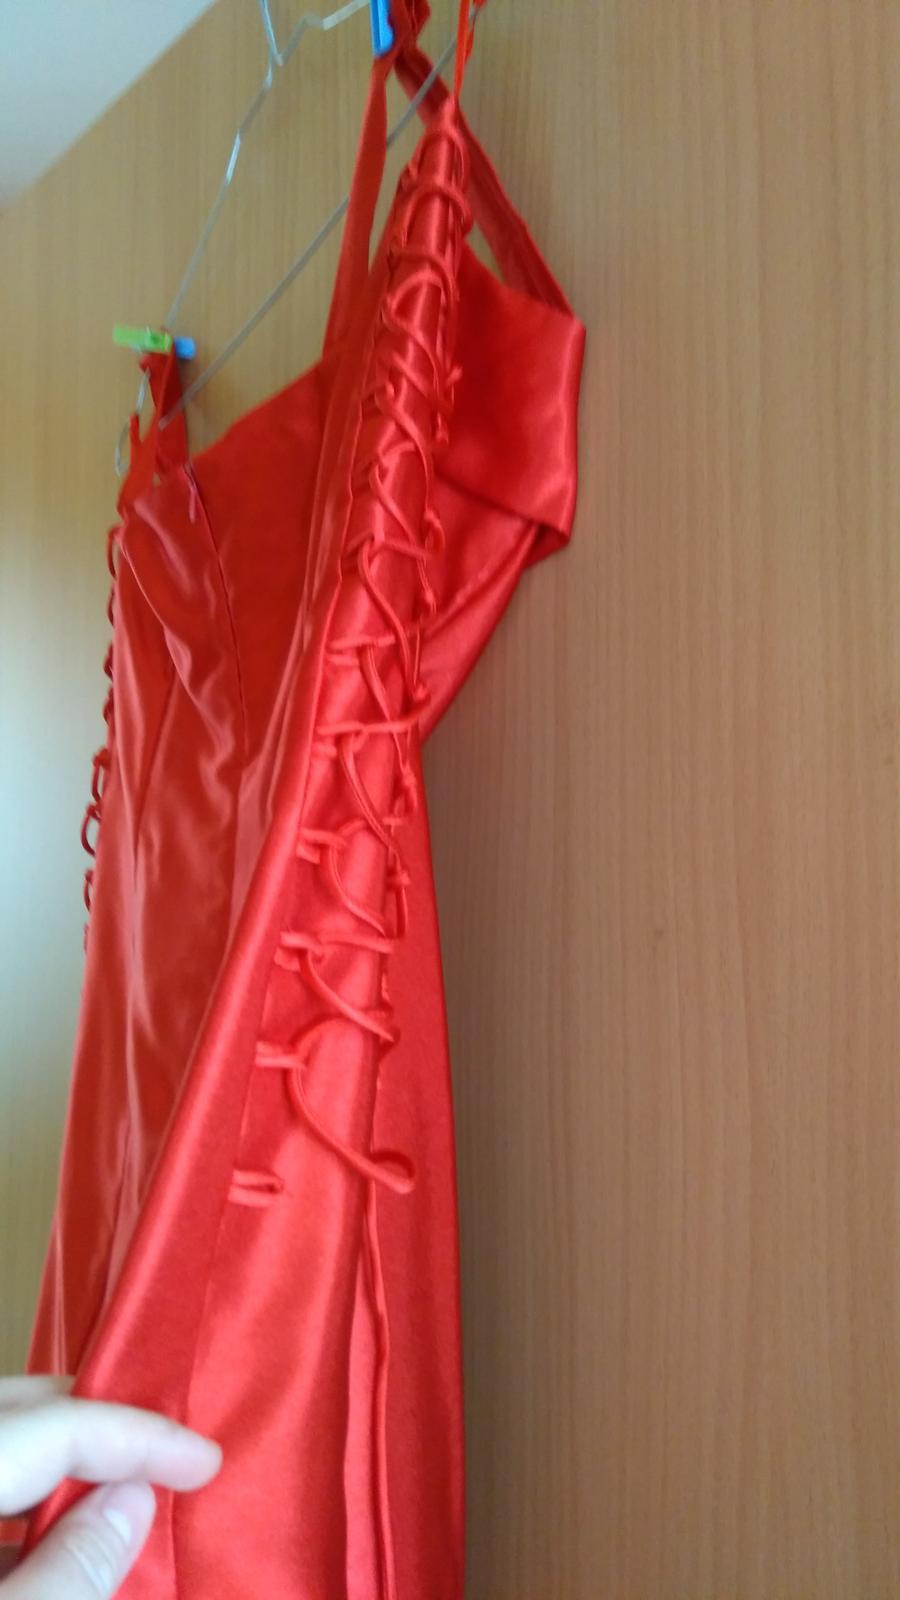 Spoločenské červené šaty veľkosť 42 - Obrázok č. 3